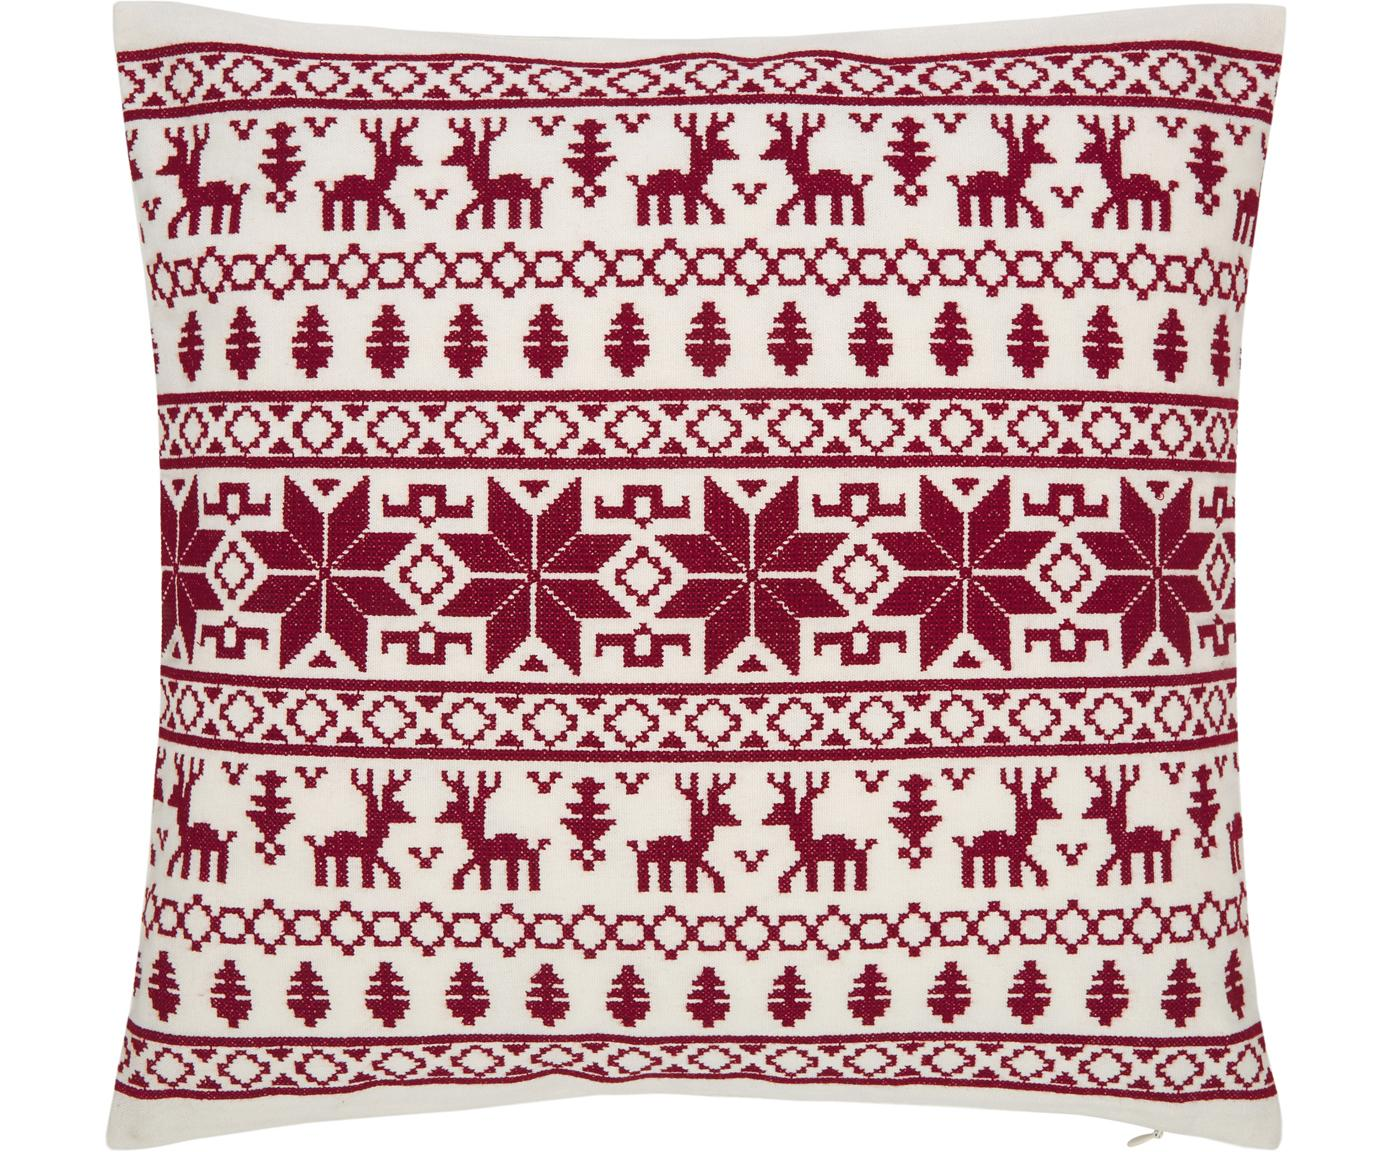 Bestickte Kissenhülle Orkney mit winterlichen Motiven, 100% Baumwolle, Rot, Cremeweiss, 45 x 45 cm